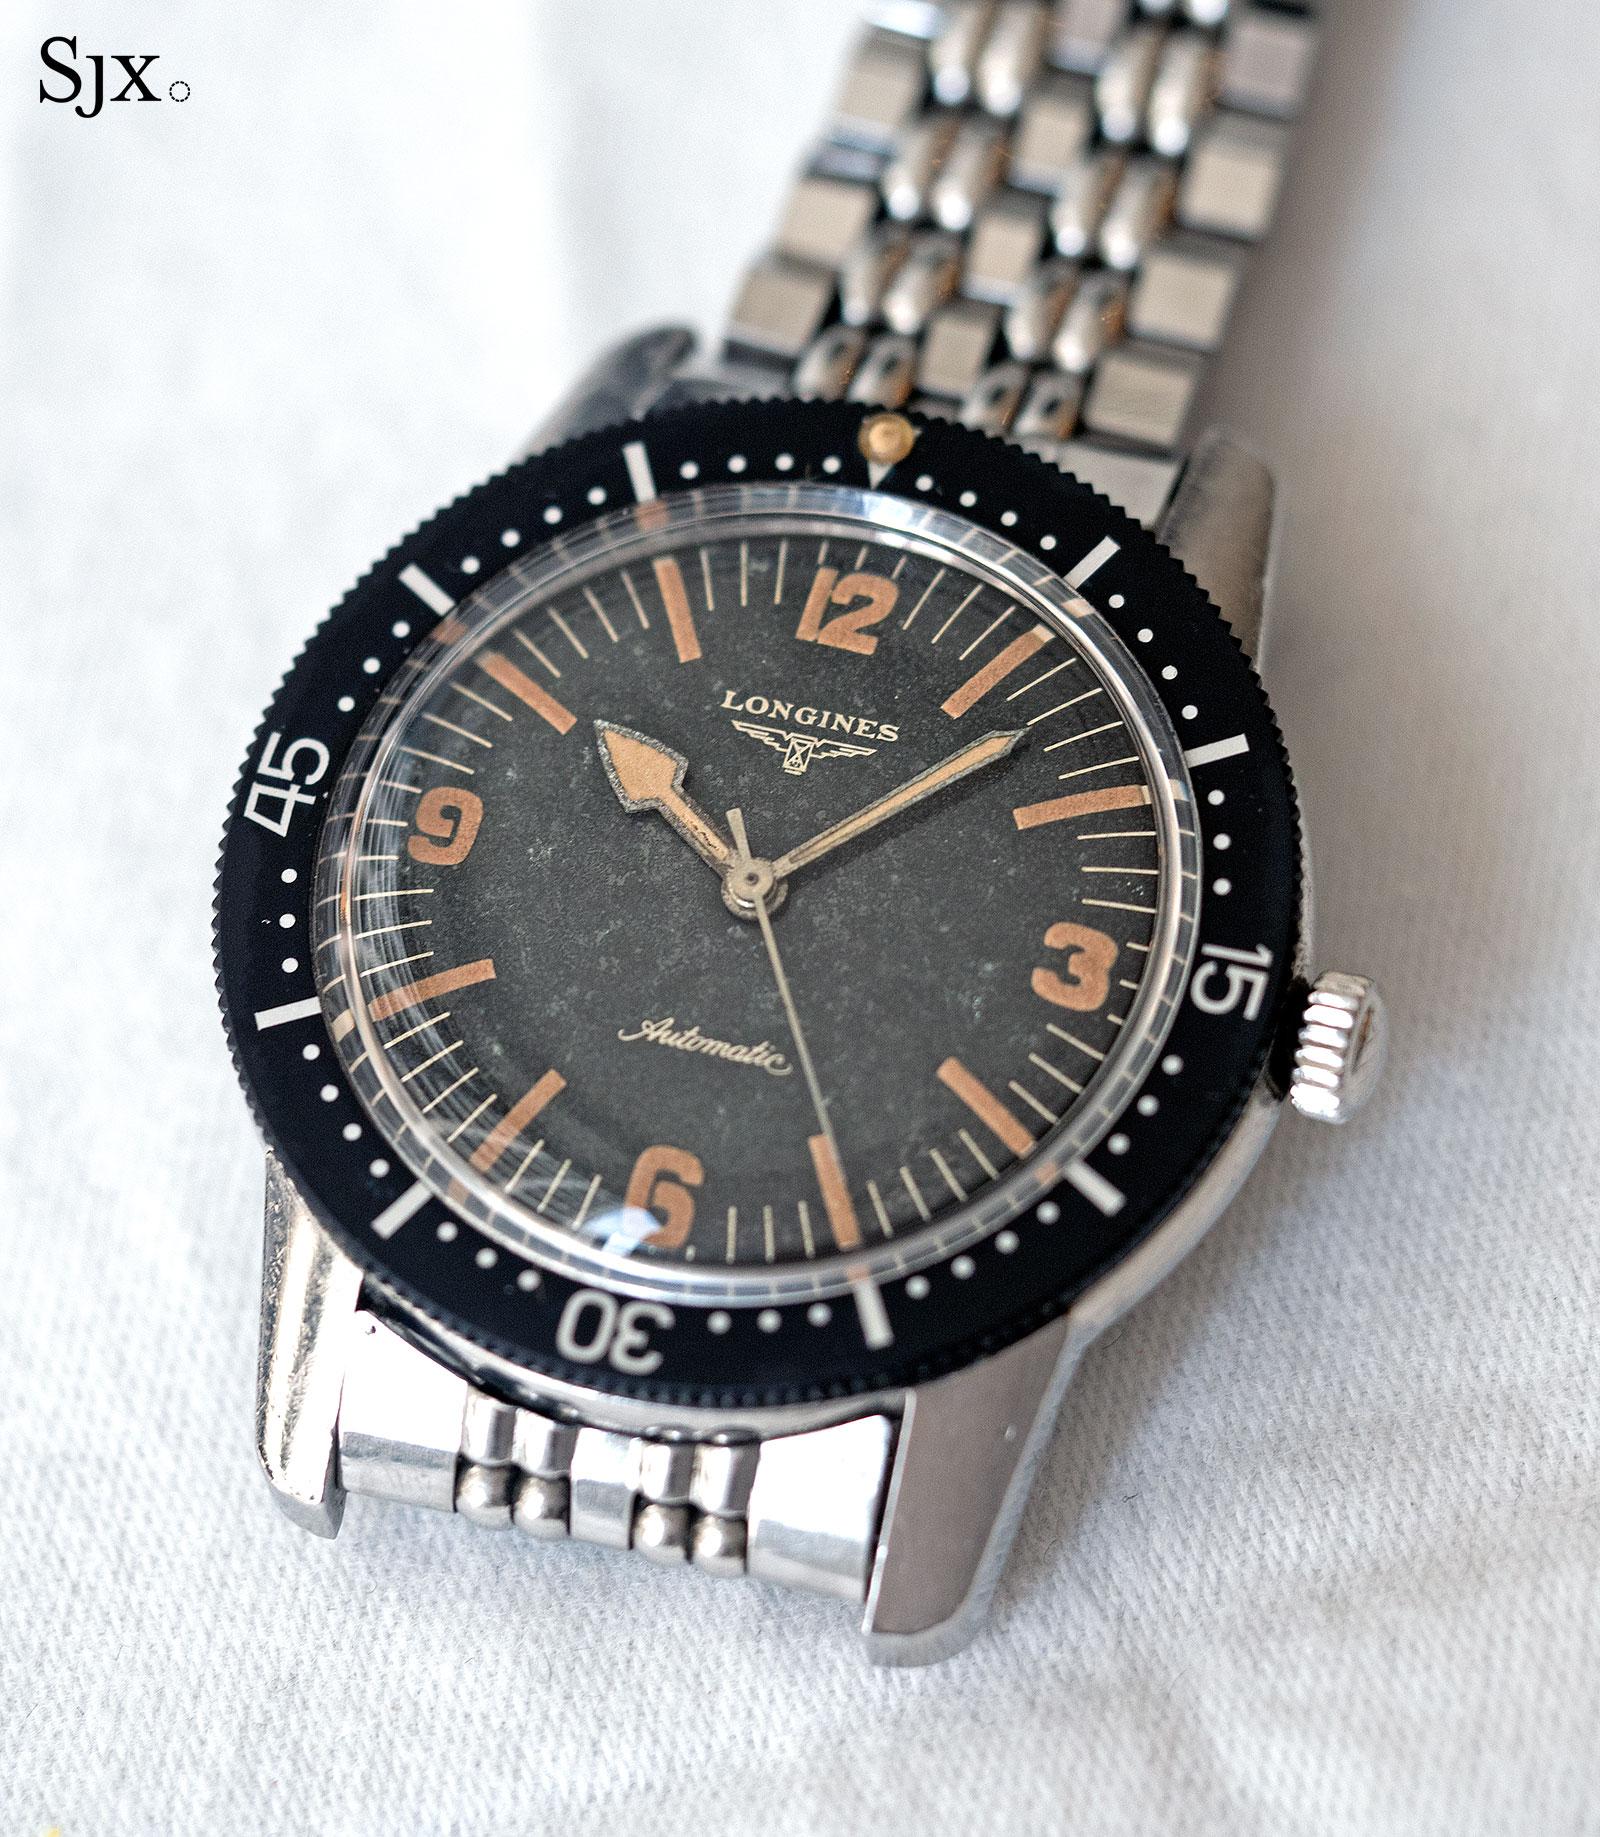 Longines-Nautilus-Skin-Diver-6921-1.jpg